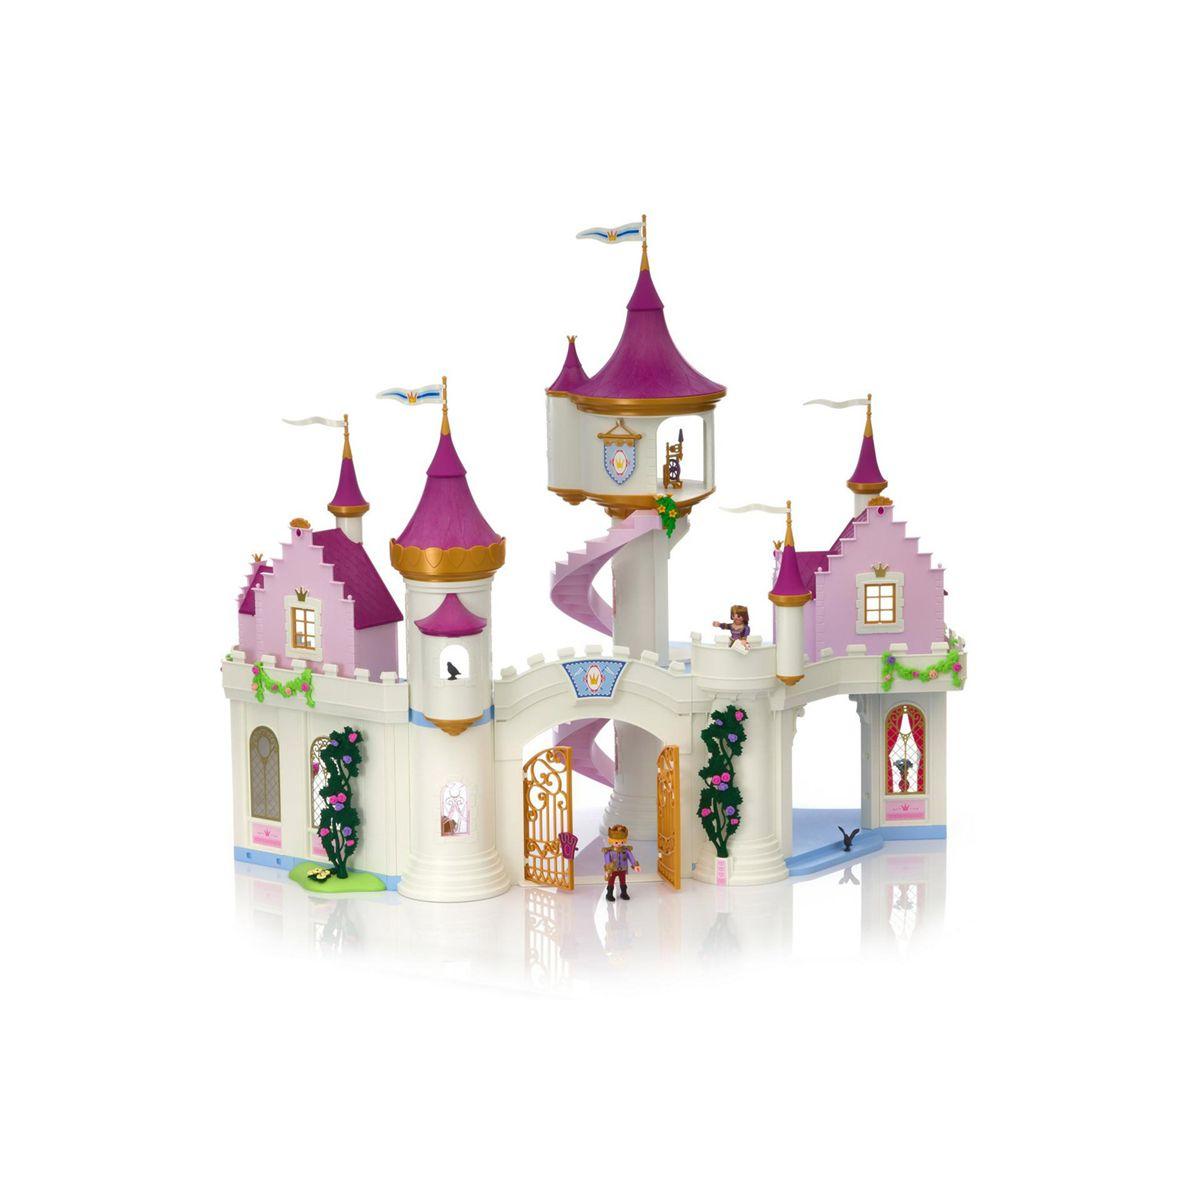 Grand Château De Princesse Playmobil Princess 6848 - Les pour Dessin Chateau Princesse